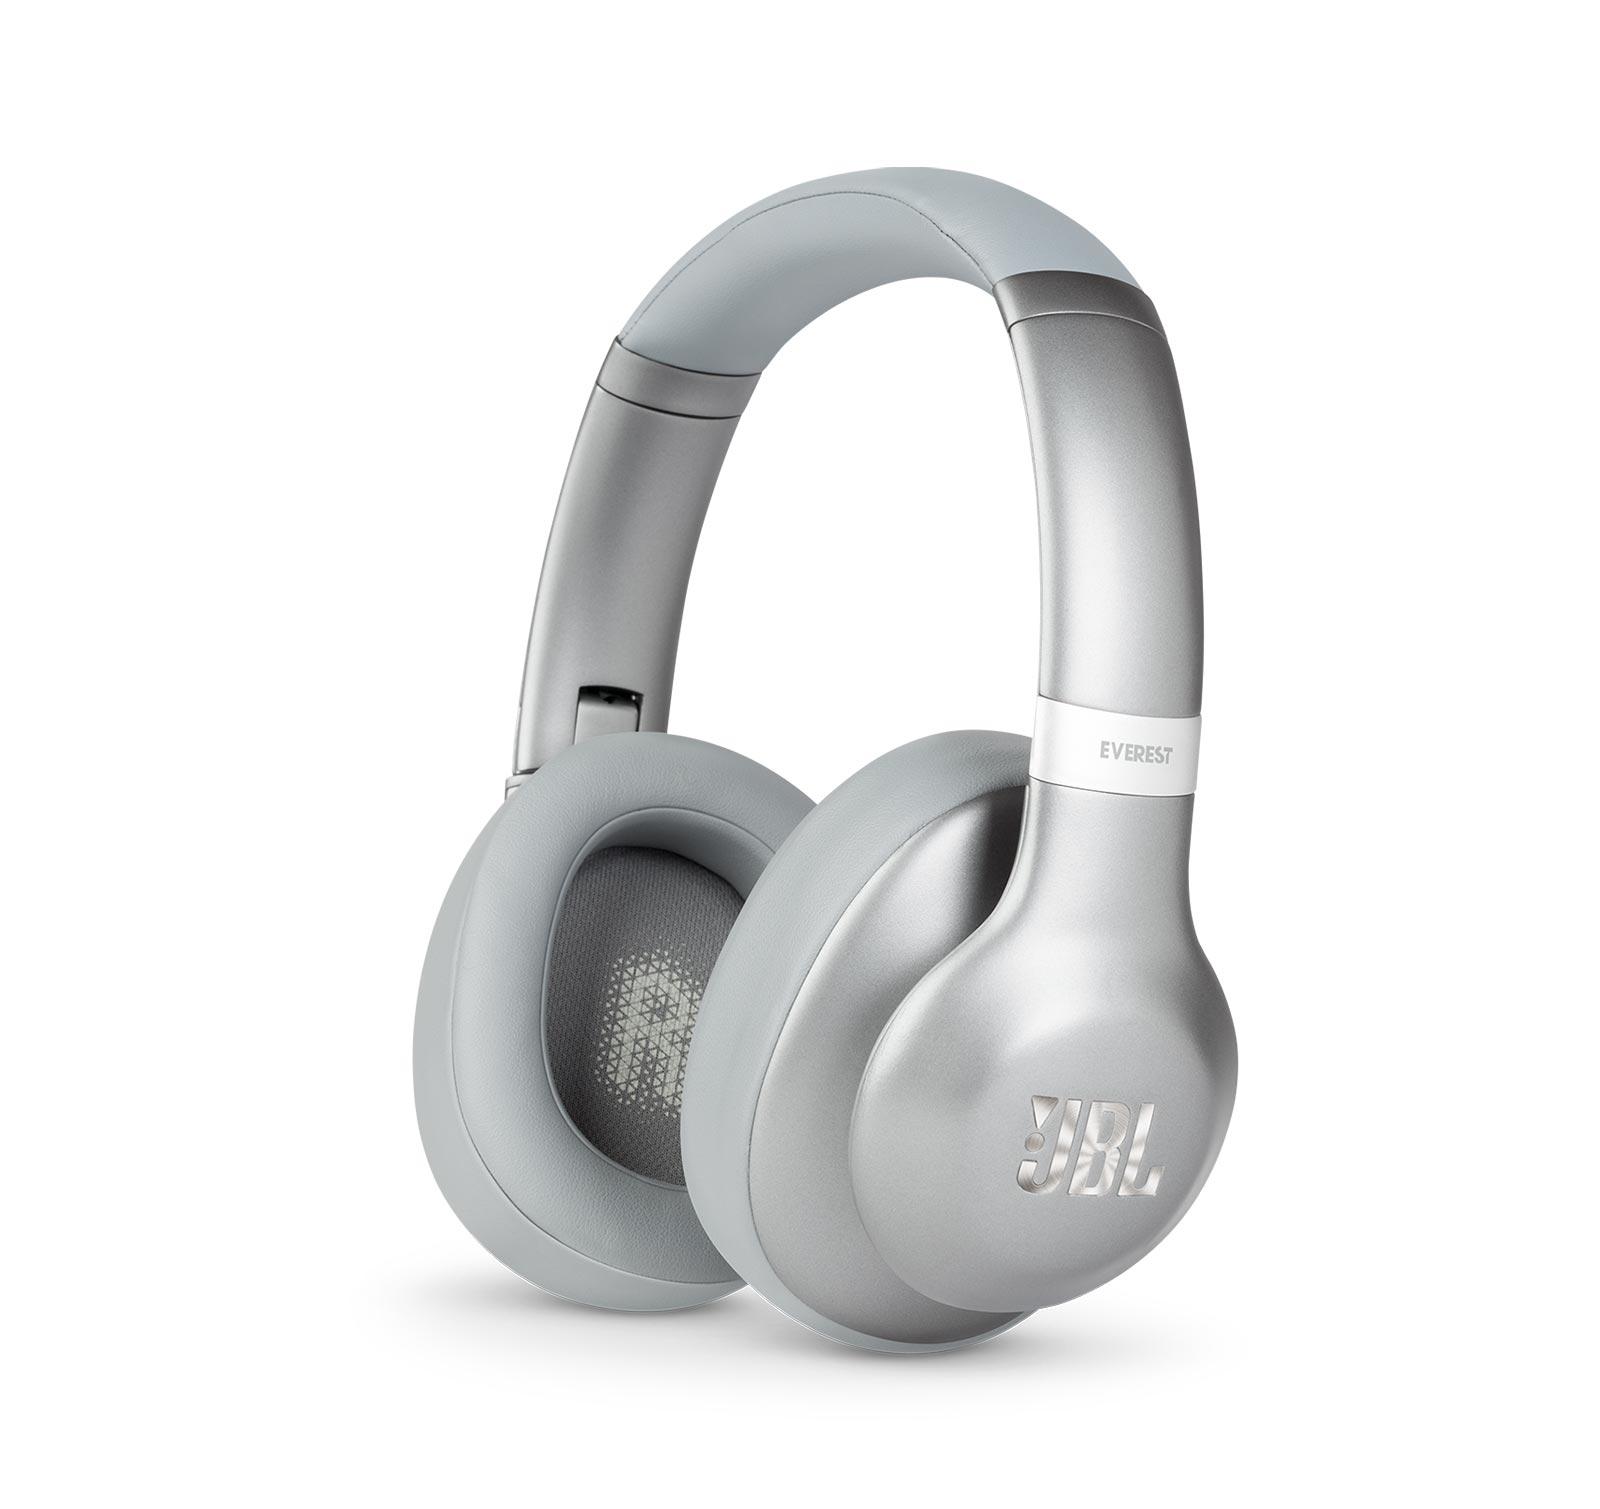 JBL Everest 710 Silver Open Box Wireless Over-Ear Headphones by JBL